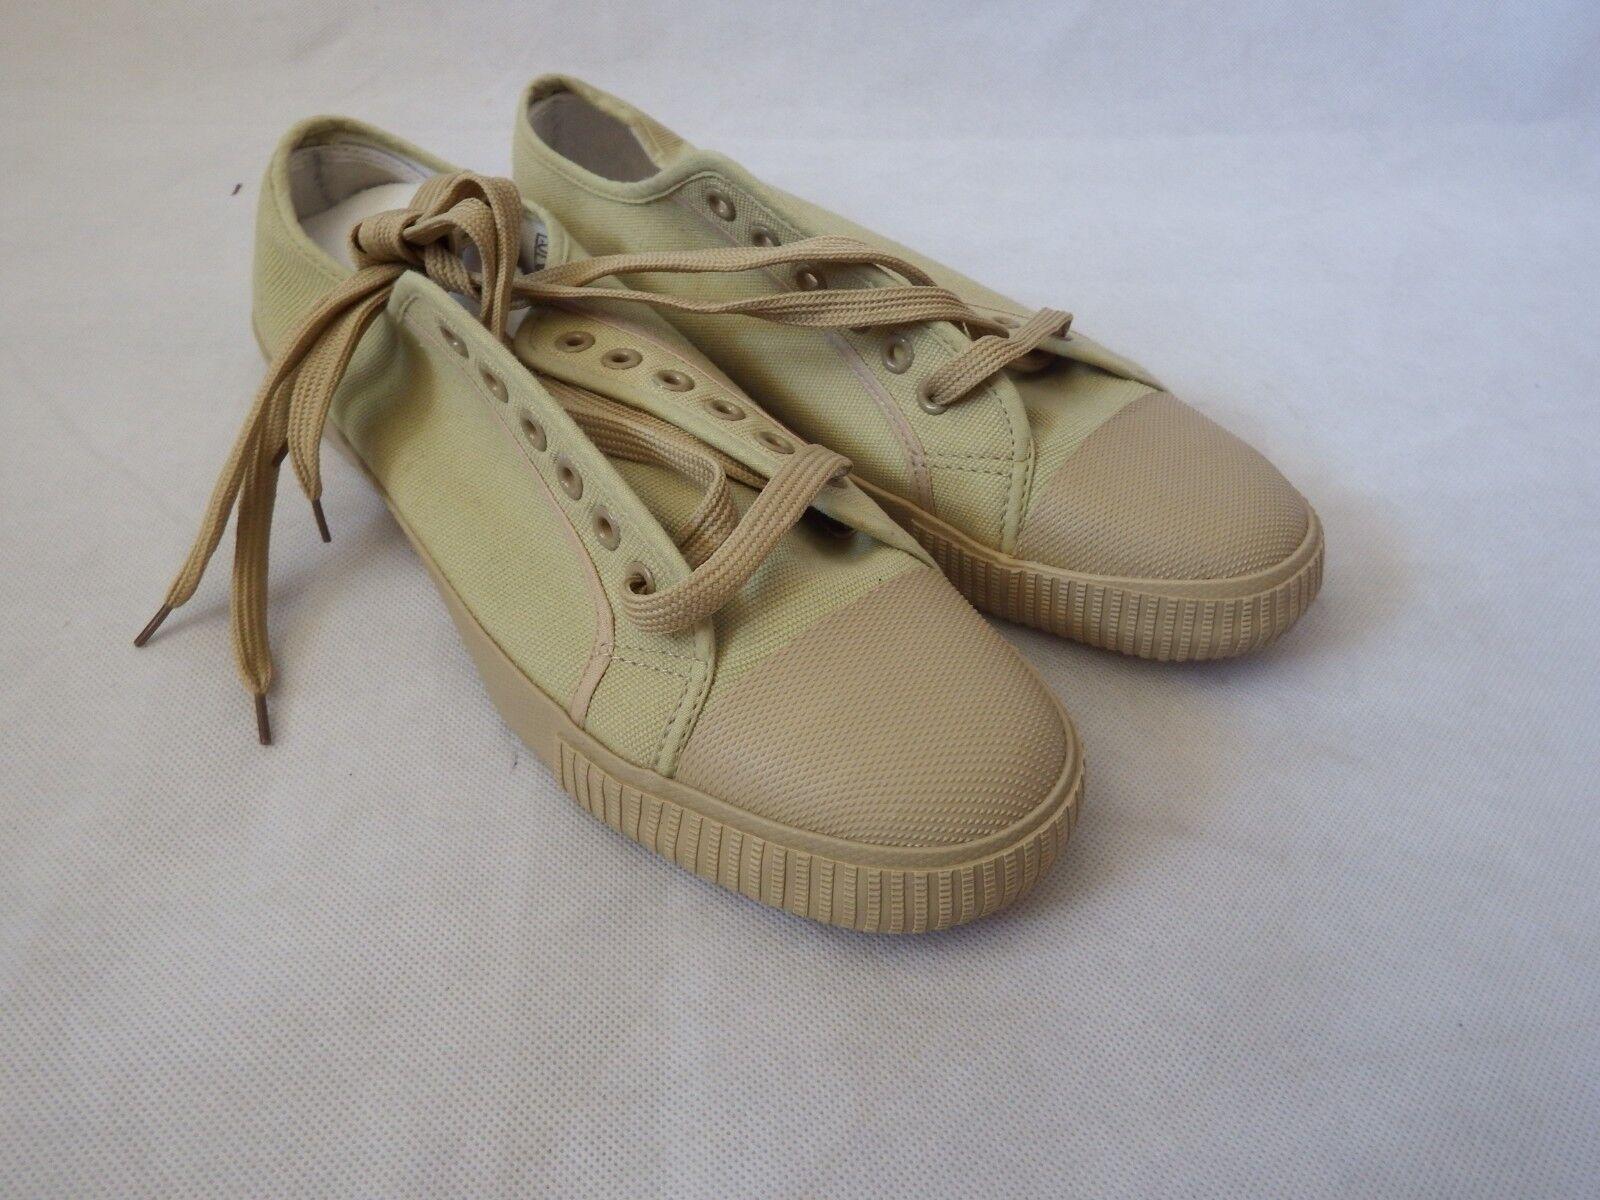 Plimsoles Chaussures à Lacets Escarpins taille vert kaki - 1 Pour £ 8, 2 paires pour £ 12